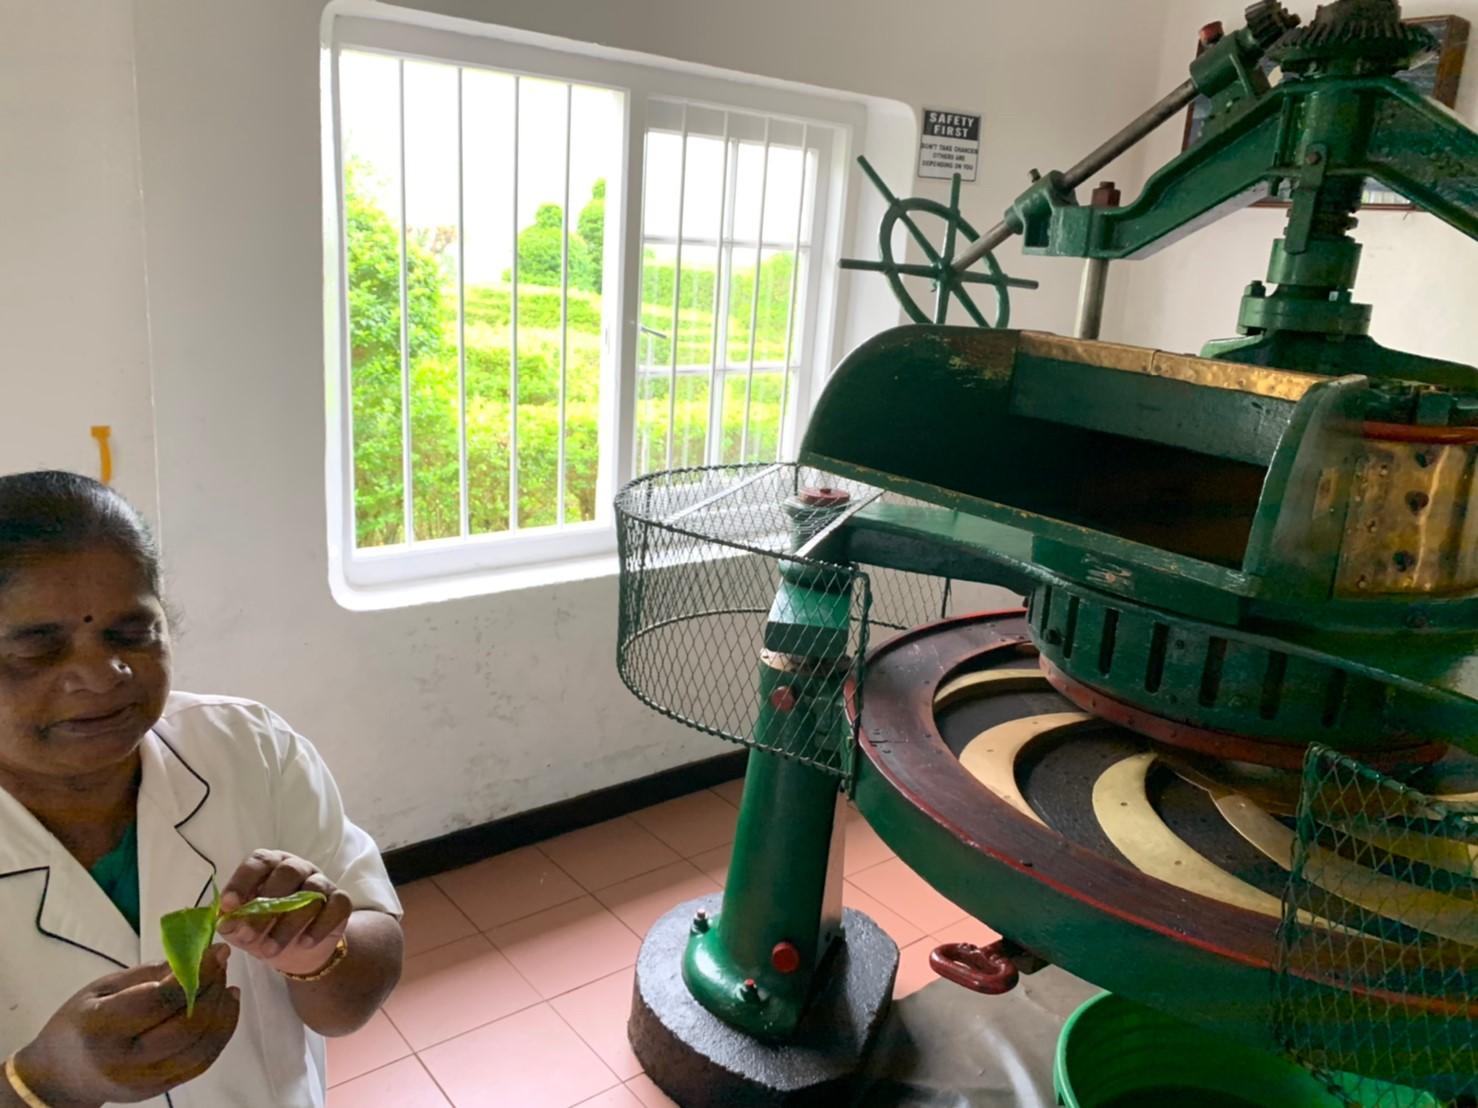 茶葉をすりつぶす機械